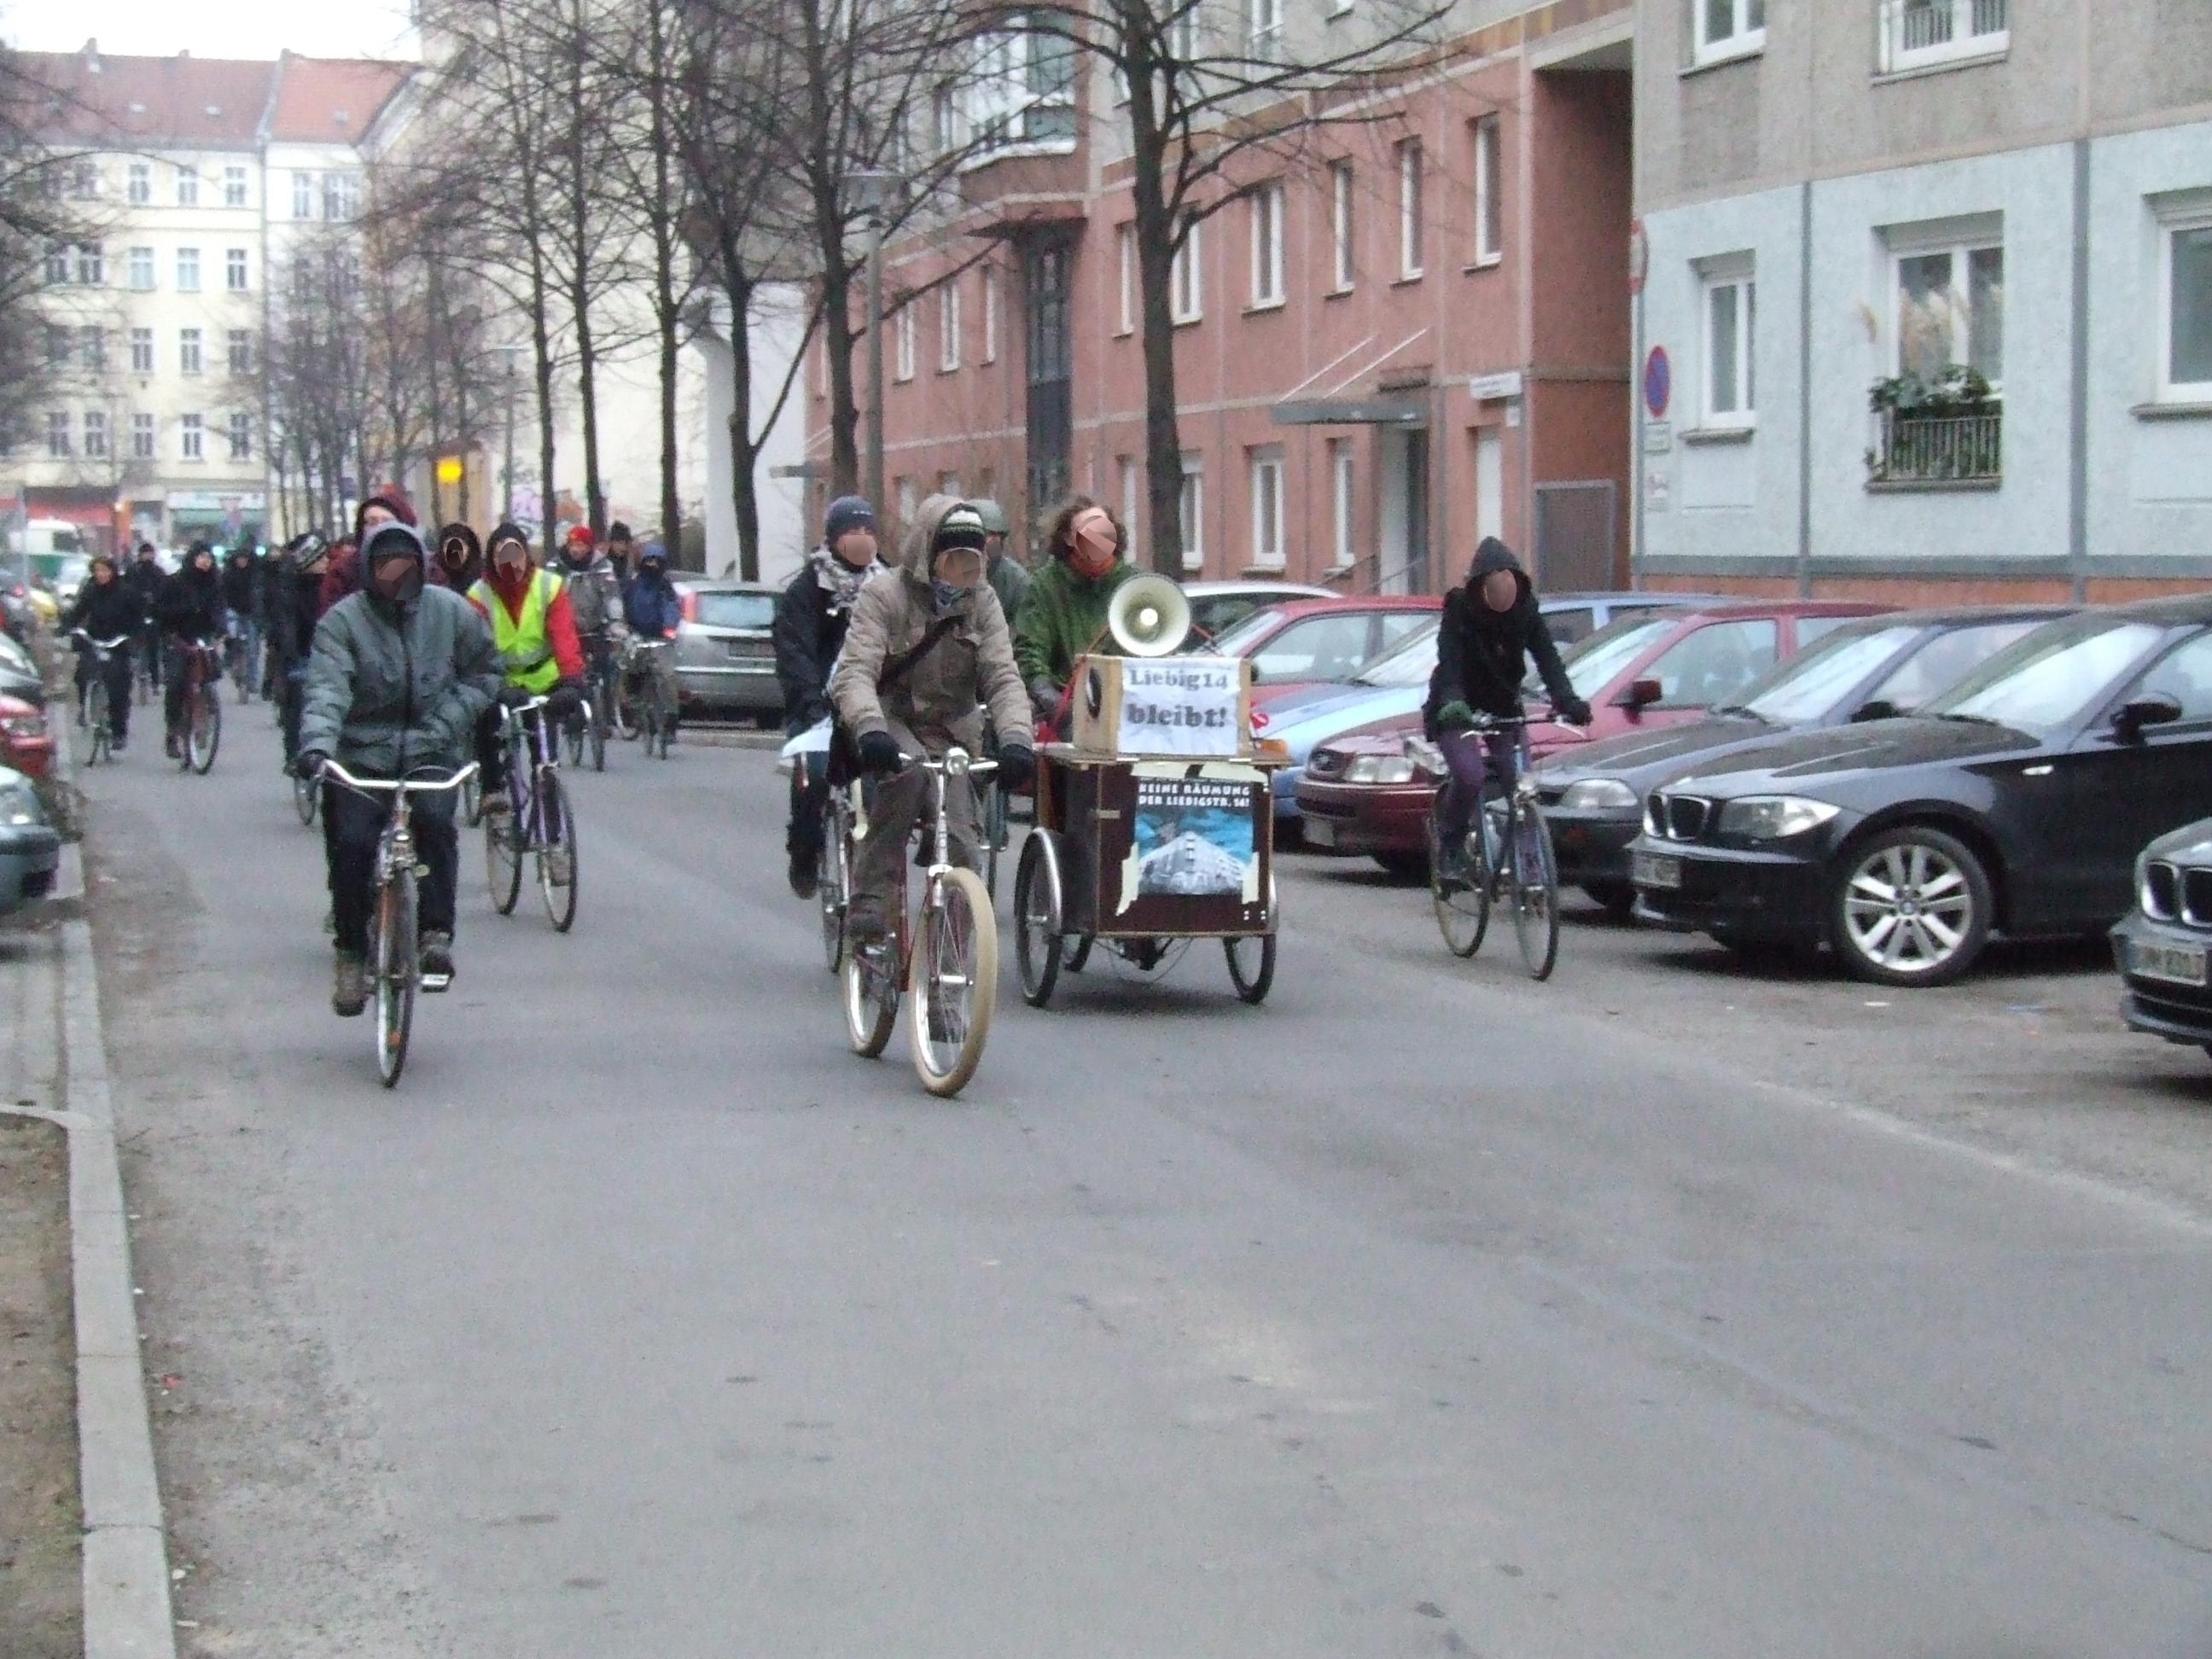 Fahrraddemo 01.02 1